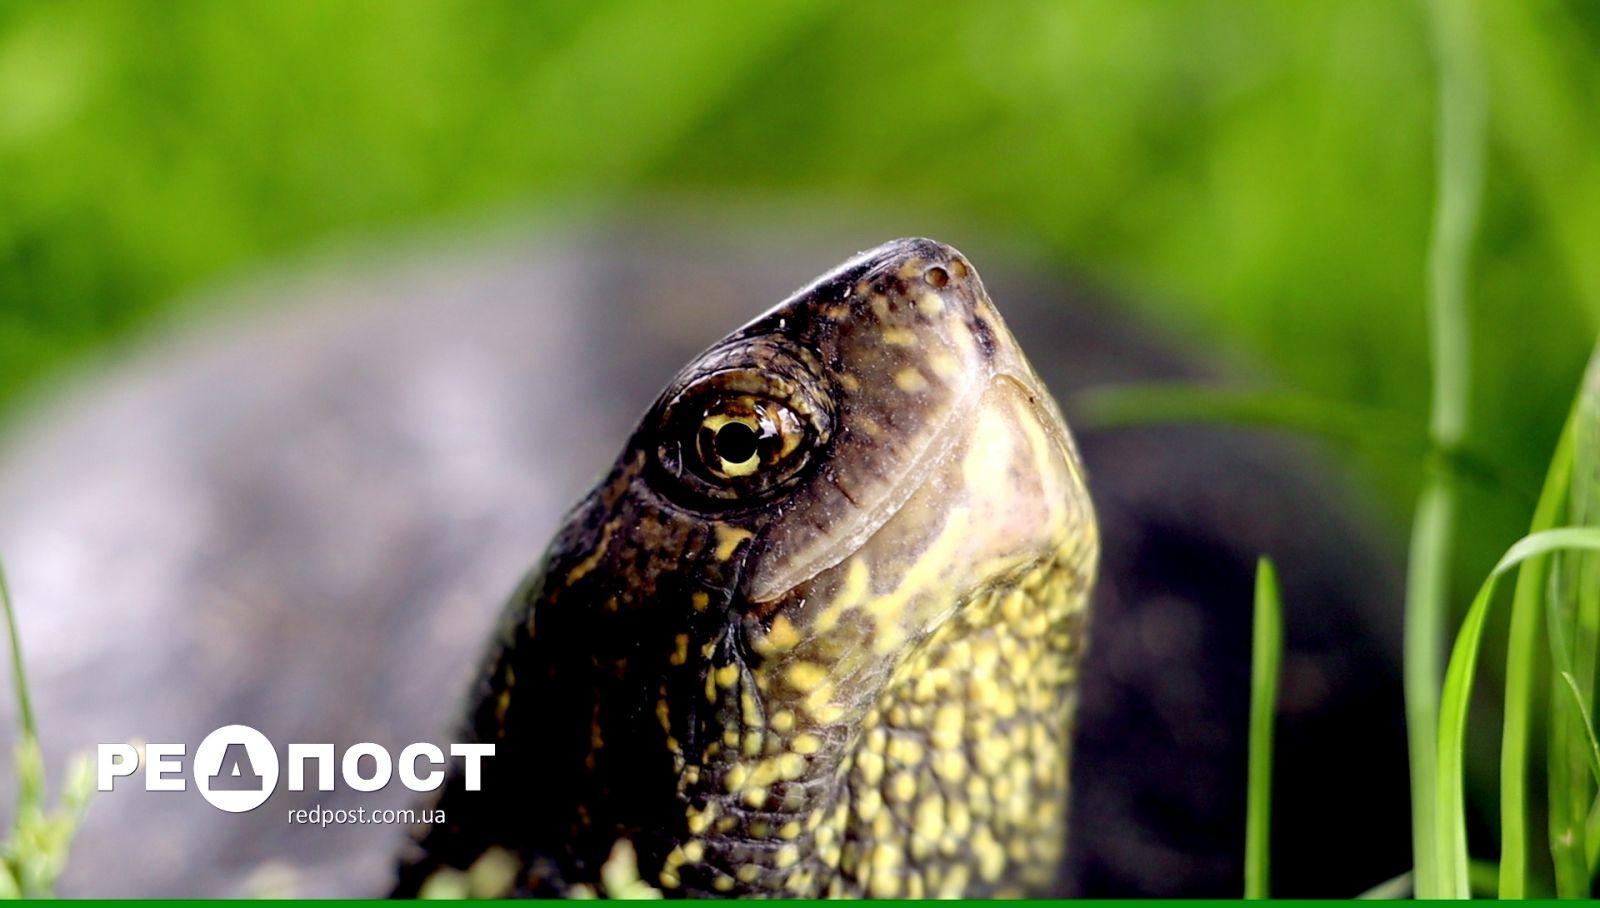 Харьковский зоопарк выпустил болотных черепах в естественную среду